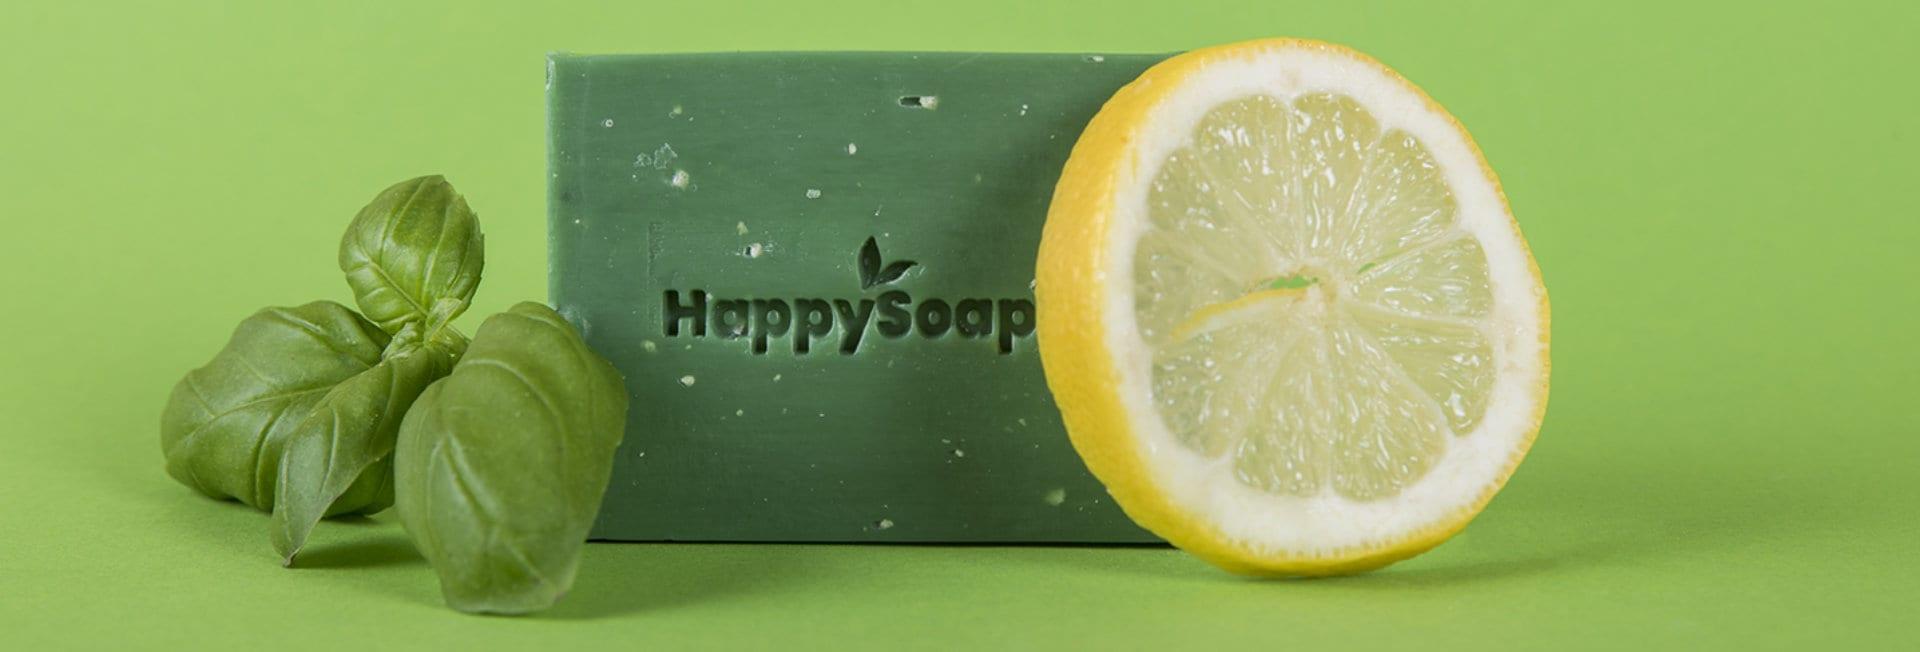 Een plasticvrije badkamer met HappySoaps producten